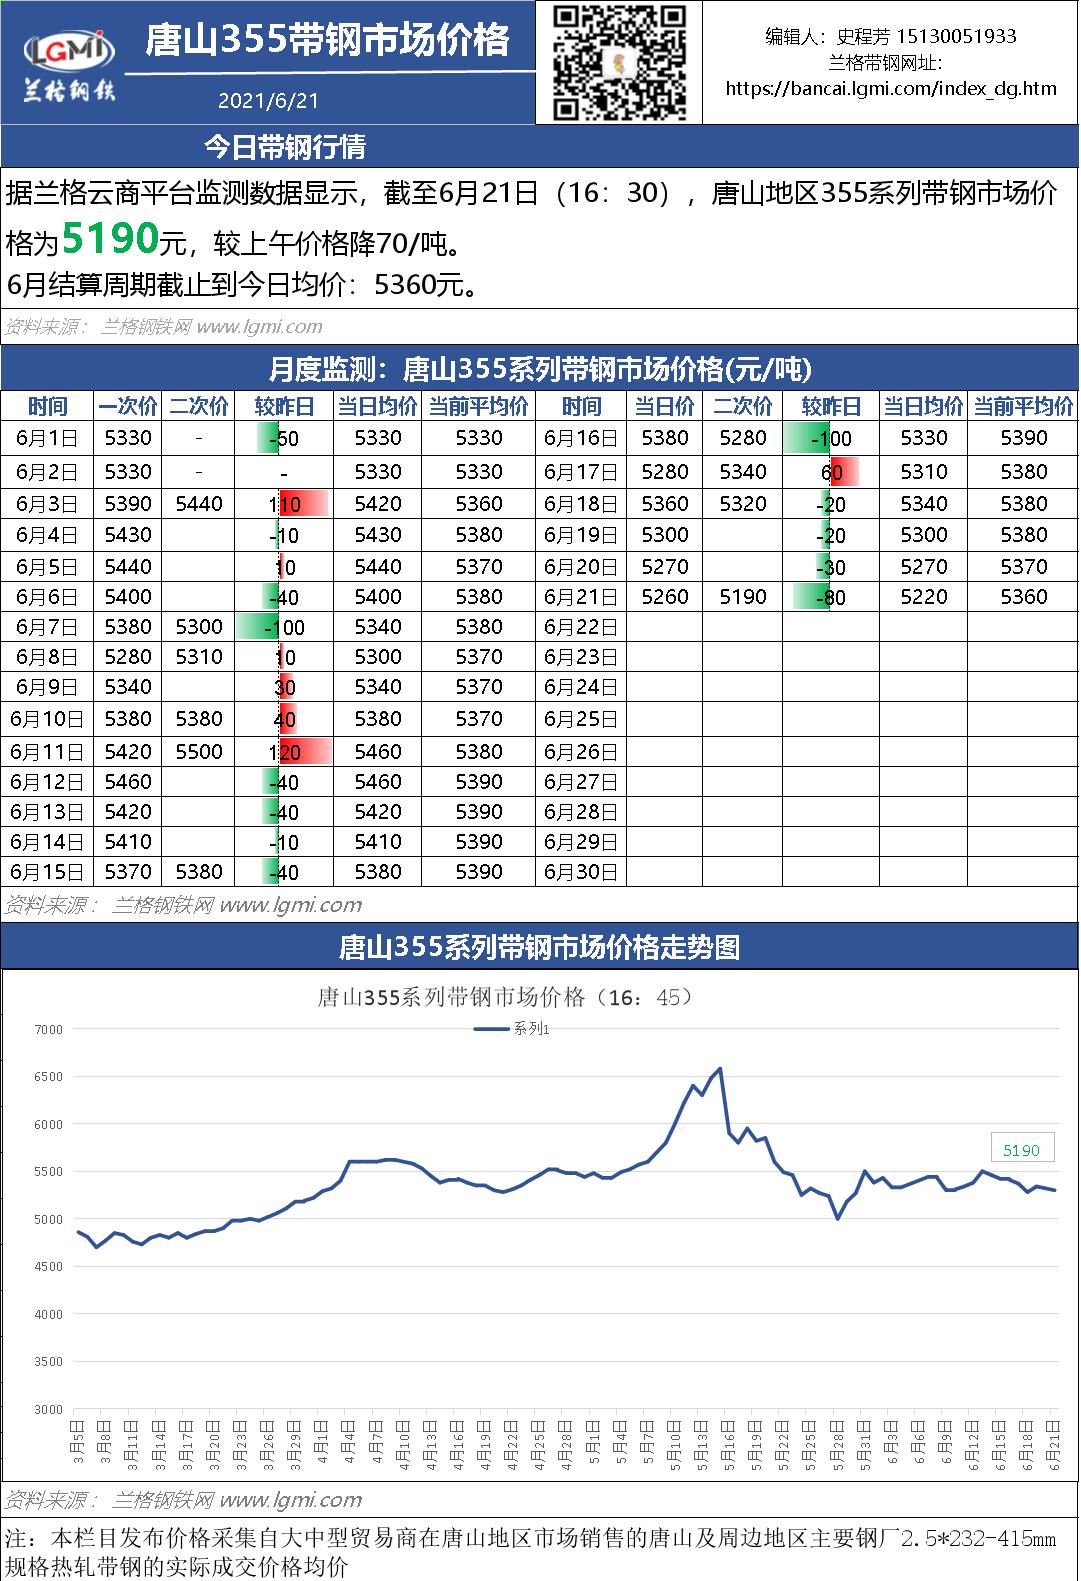 6月21日(16:45)唐山355系带钢市场价格